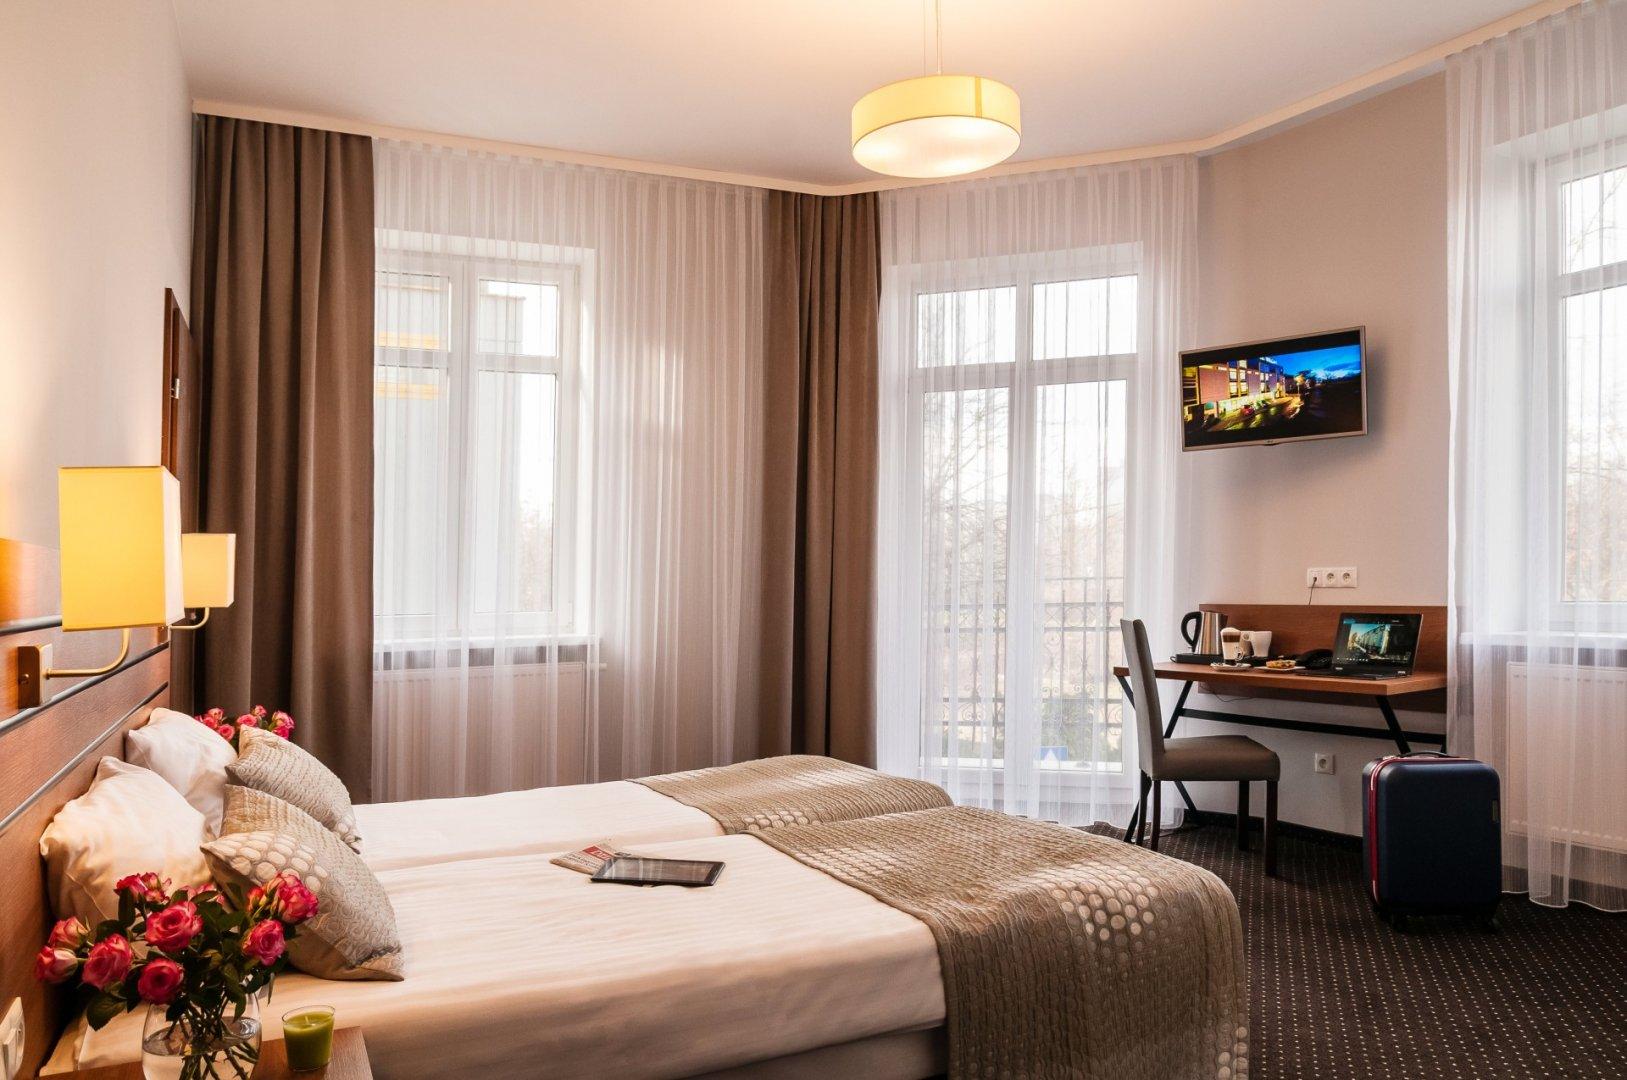 Wilga Hotel